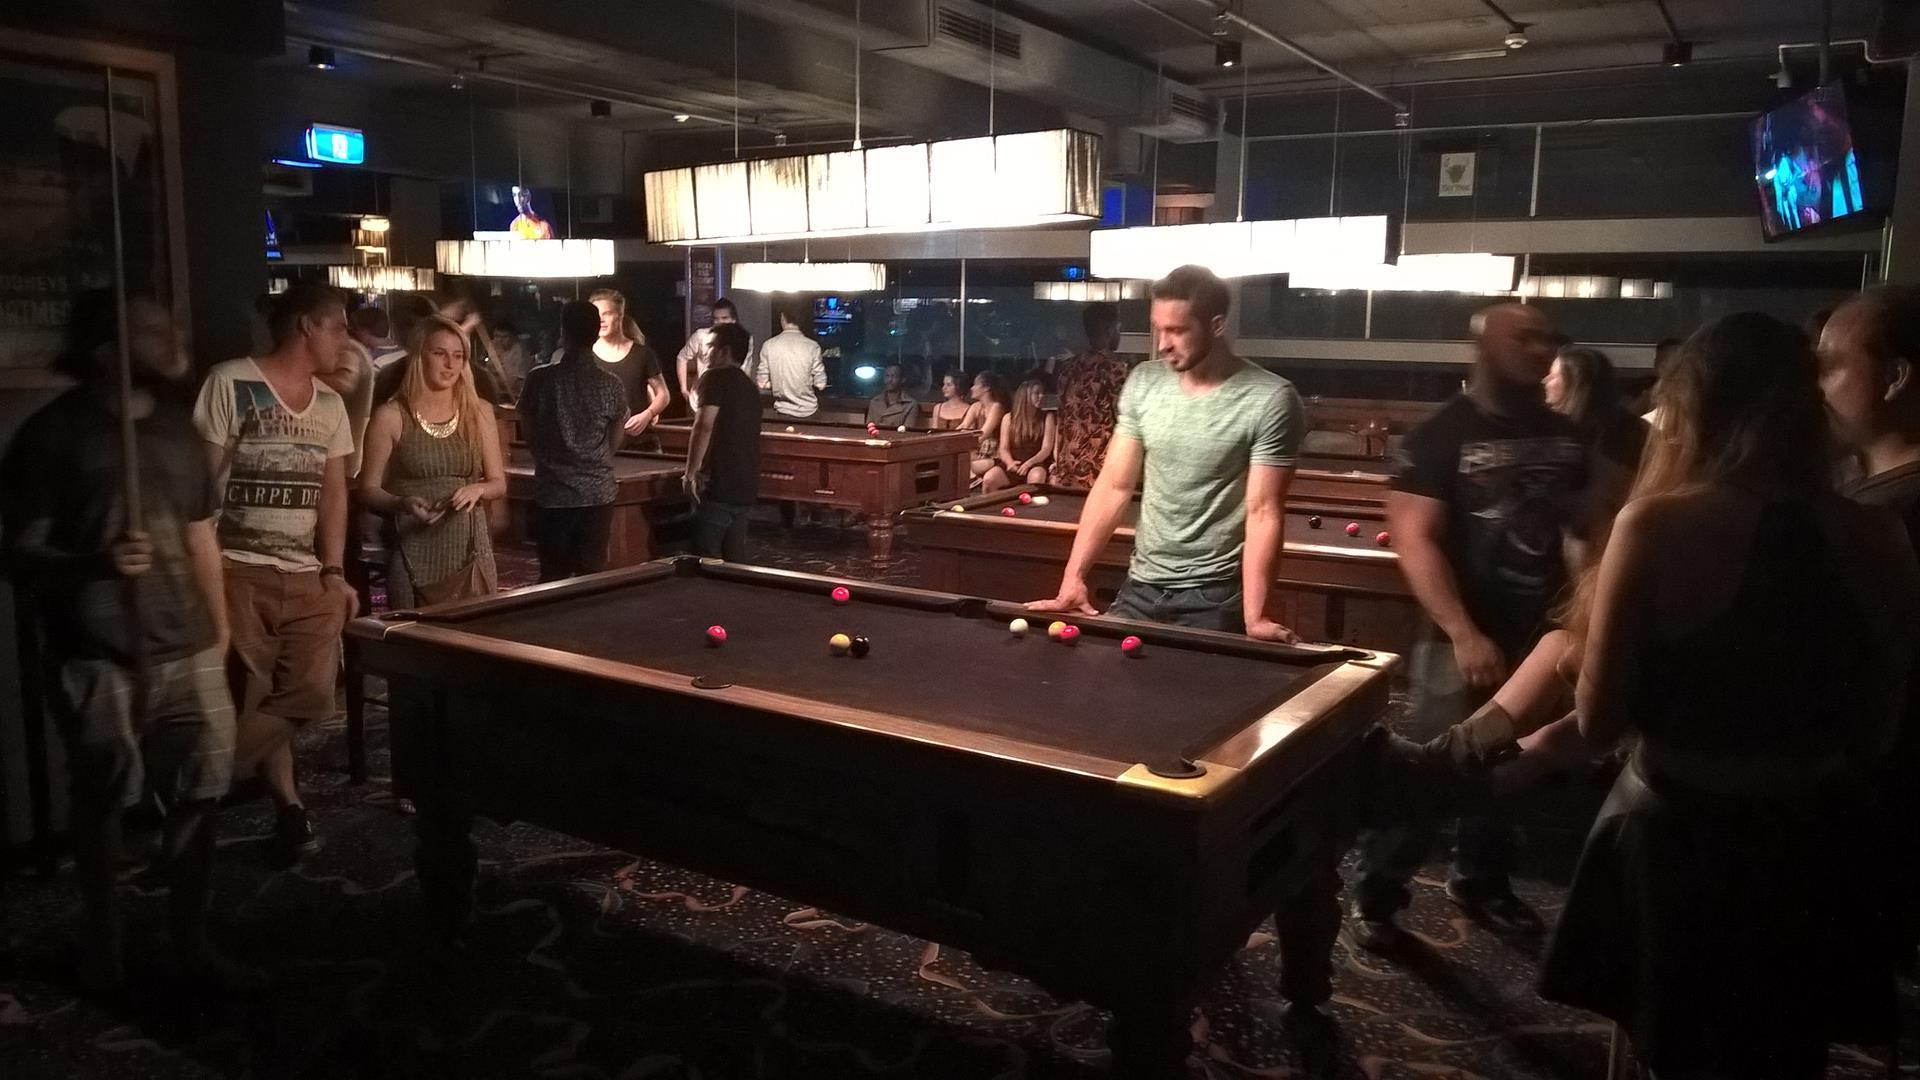 Mit meinen Hostel Kollegen beim Billiard spielen